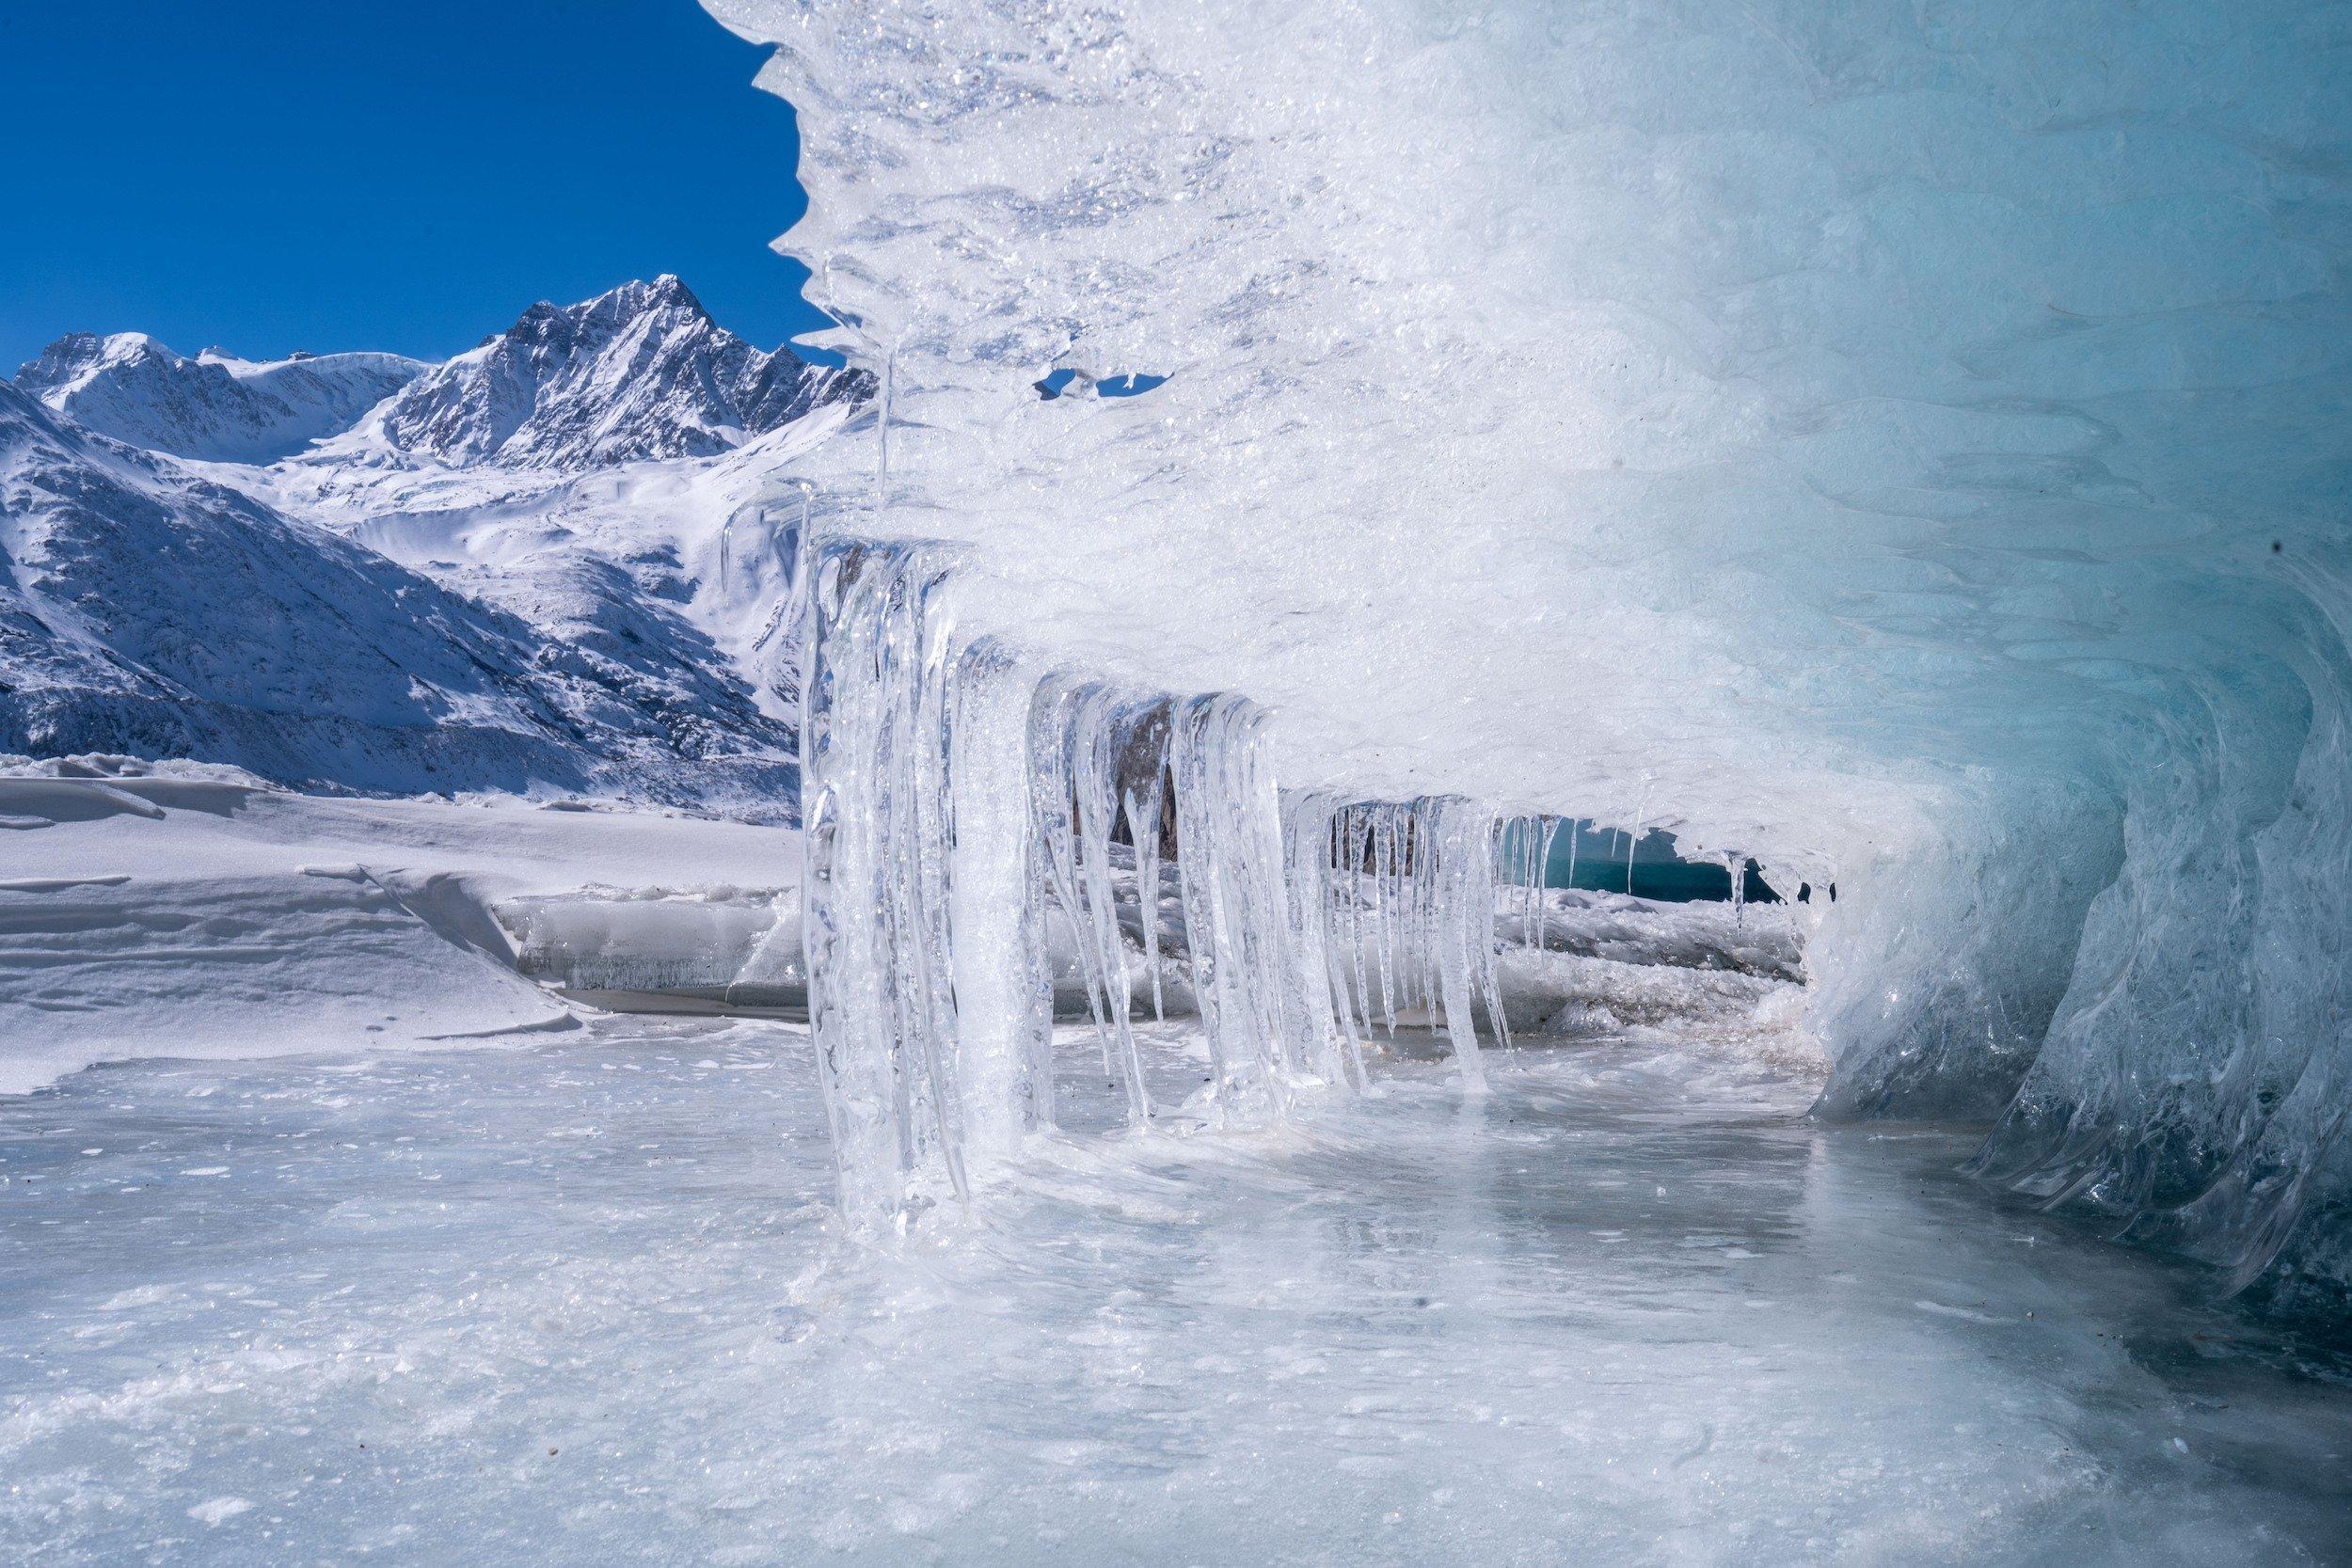 Eislandschaft im HImalaya, gefrorenes Schmelzwasser eines Gletschers formt sich zu einer Welle, im Hintergrund Berge.